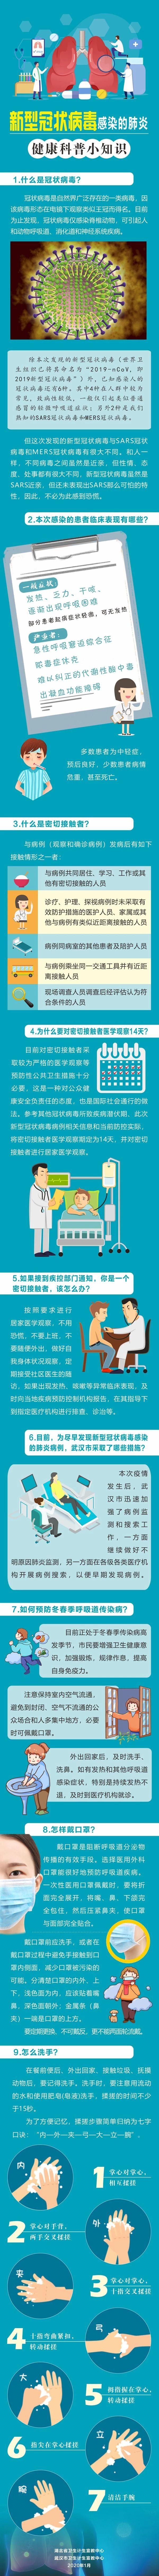 新型冠状病毒感染的肺炎有哪些症状?你想知道的全在这里